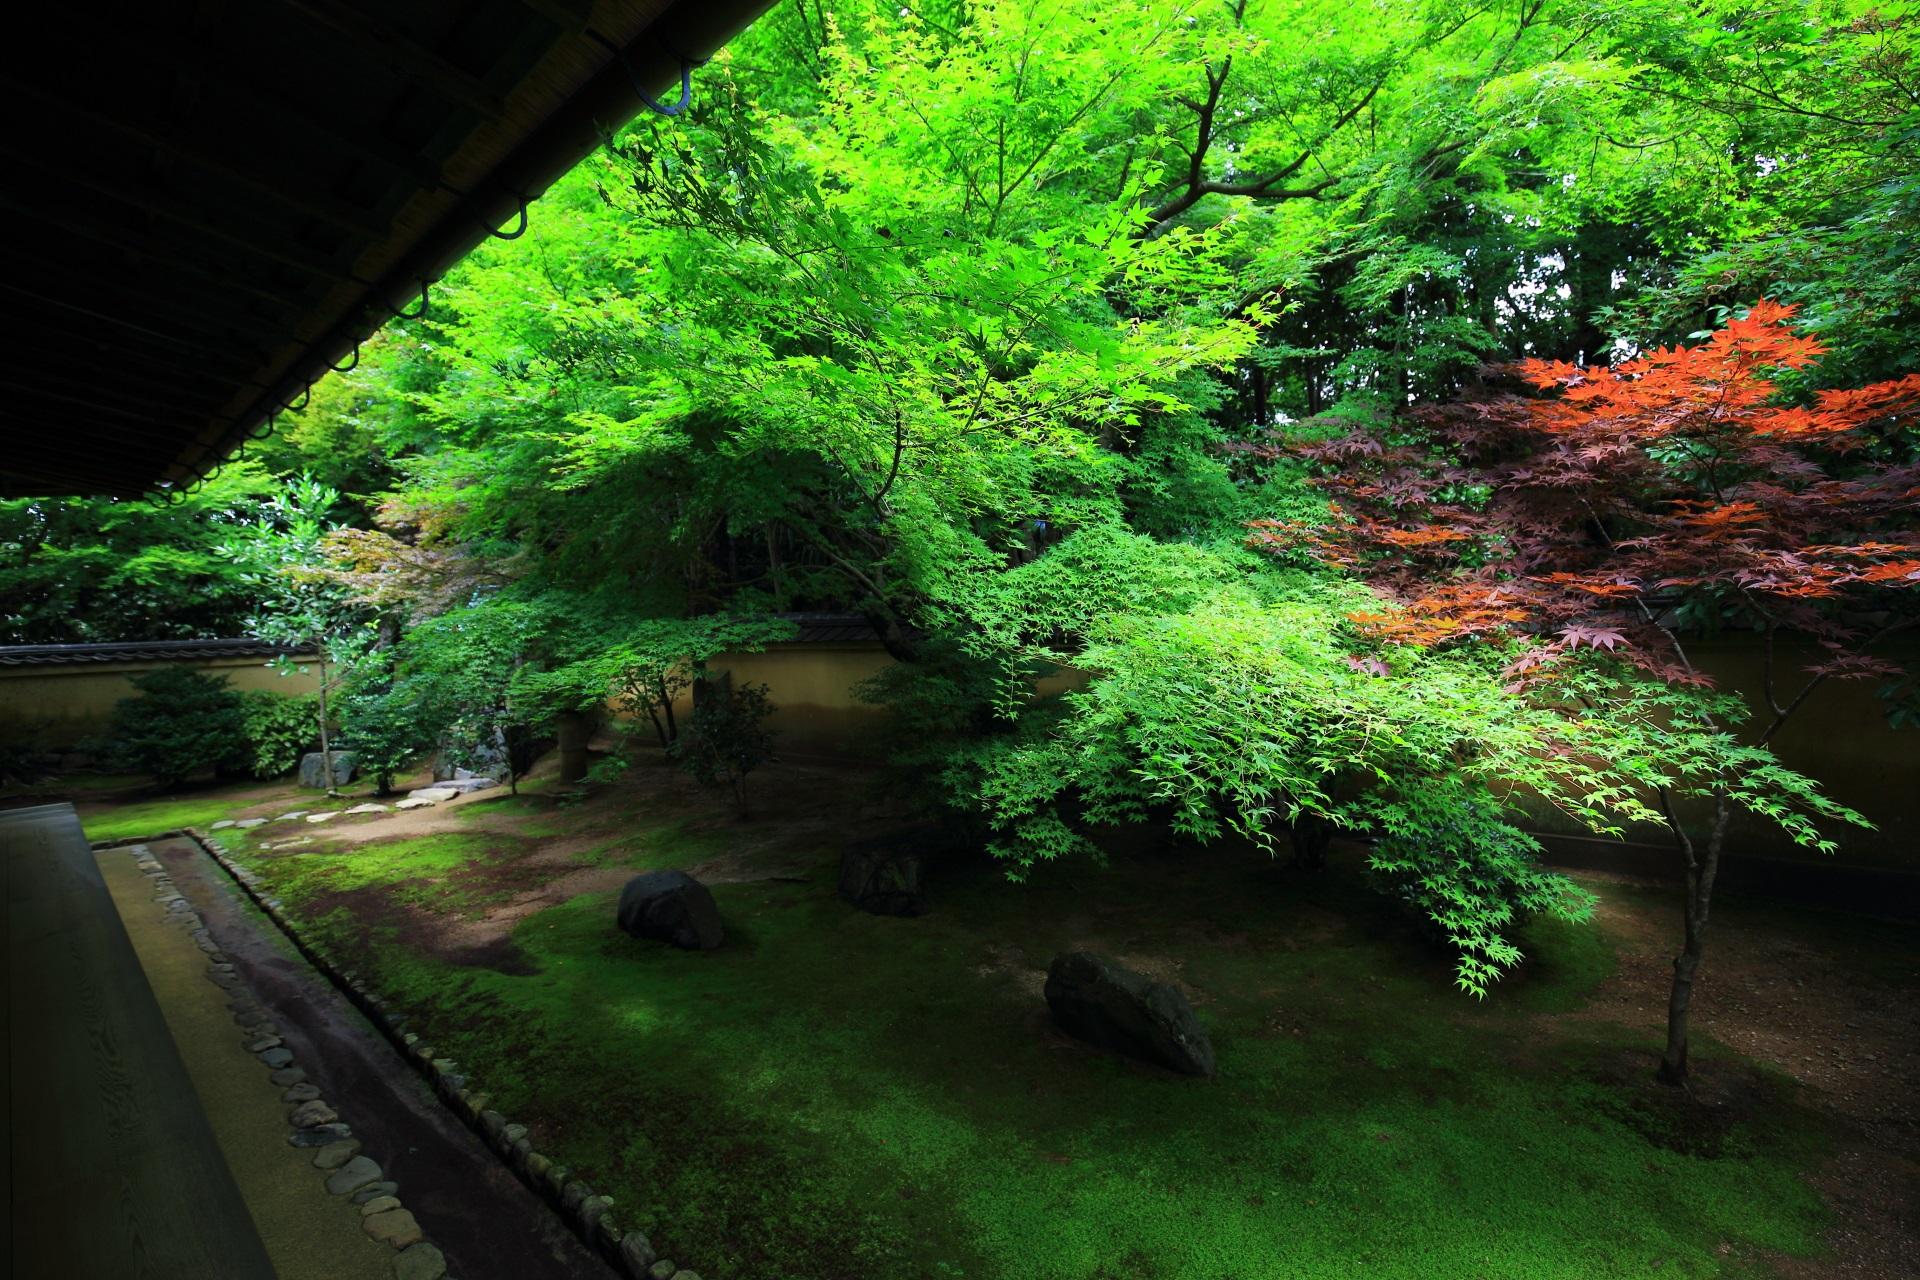 青もみじや苔などの見事な緑の空間が広がる興臨院の方丈裏庭園